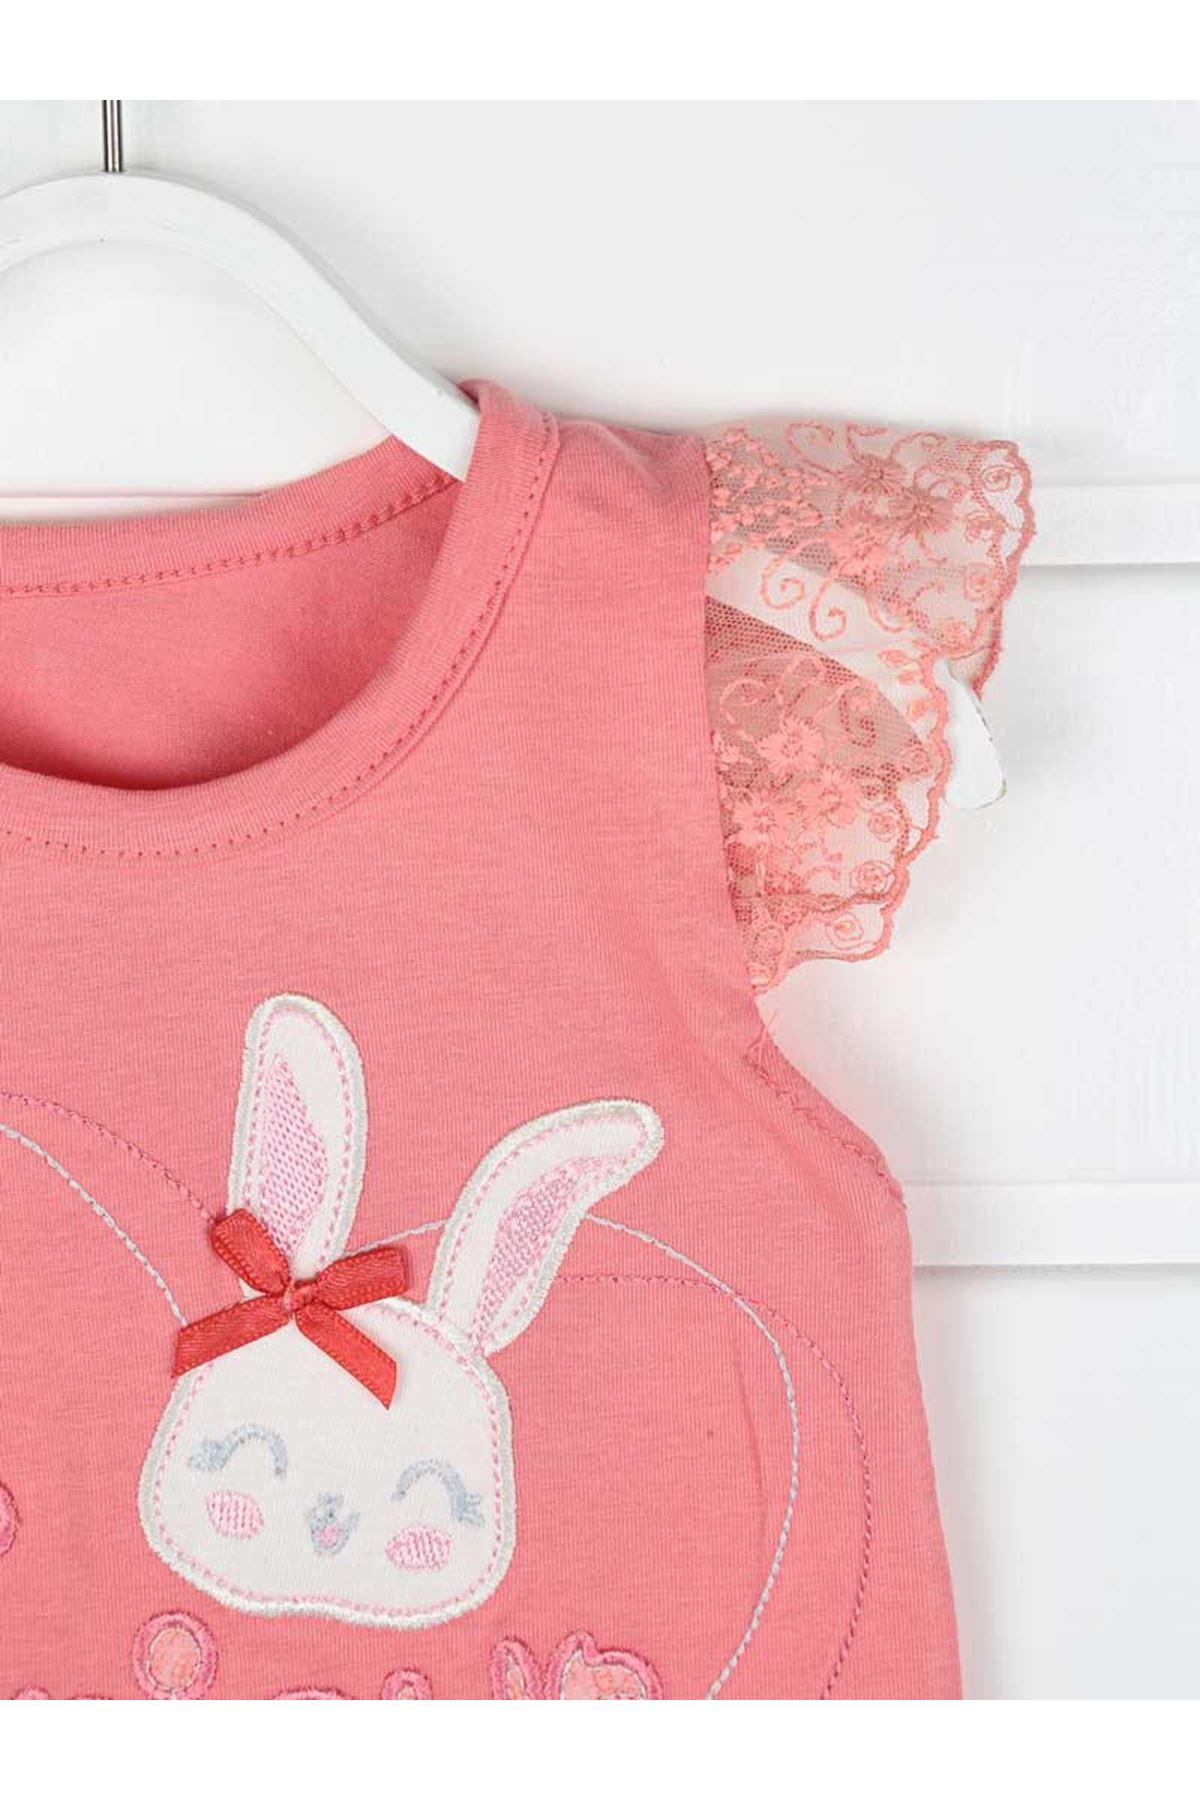 Narçiçeği Kız Bebek Şortlu Takım